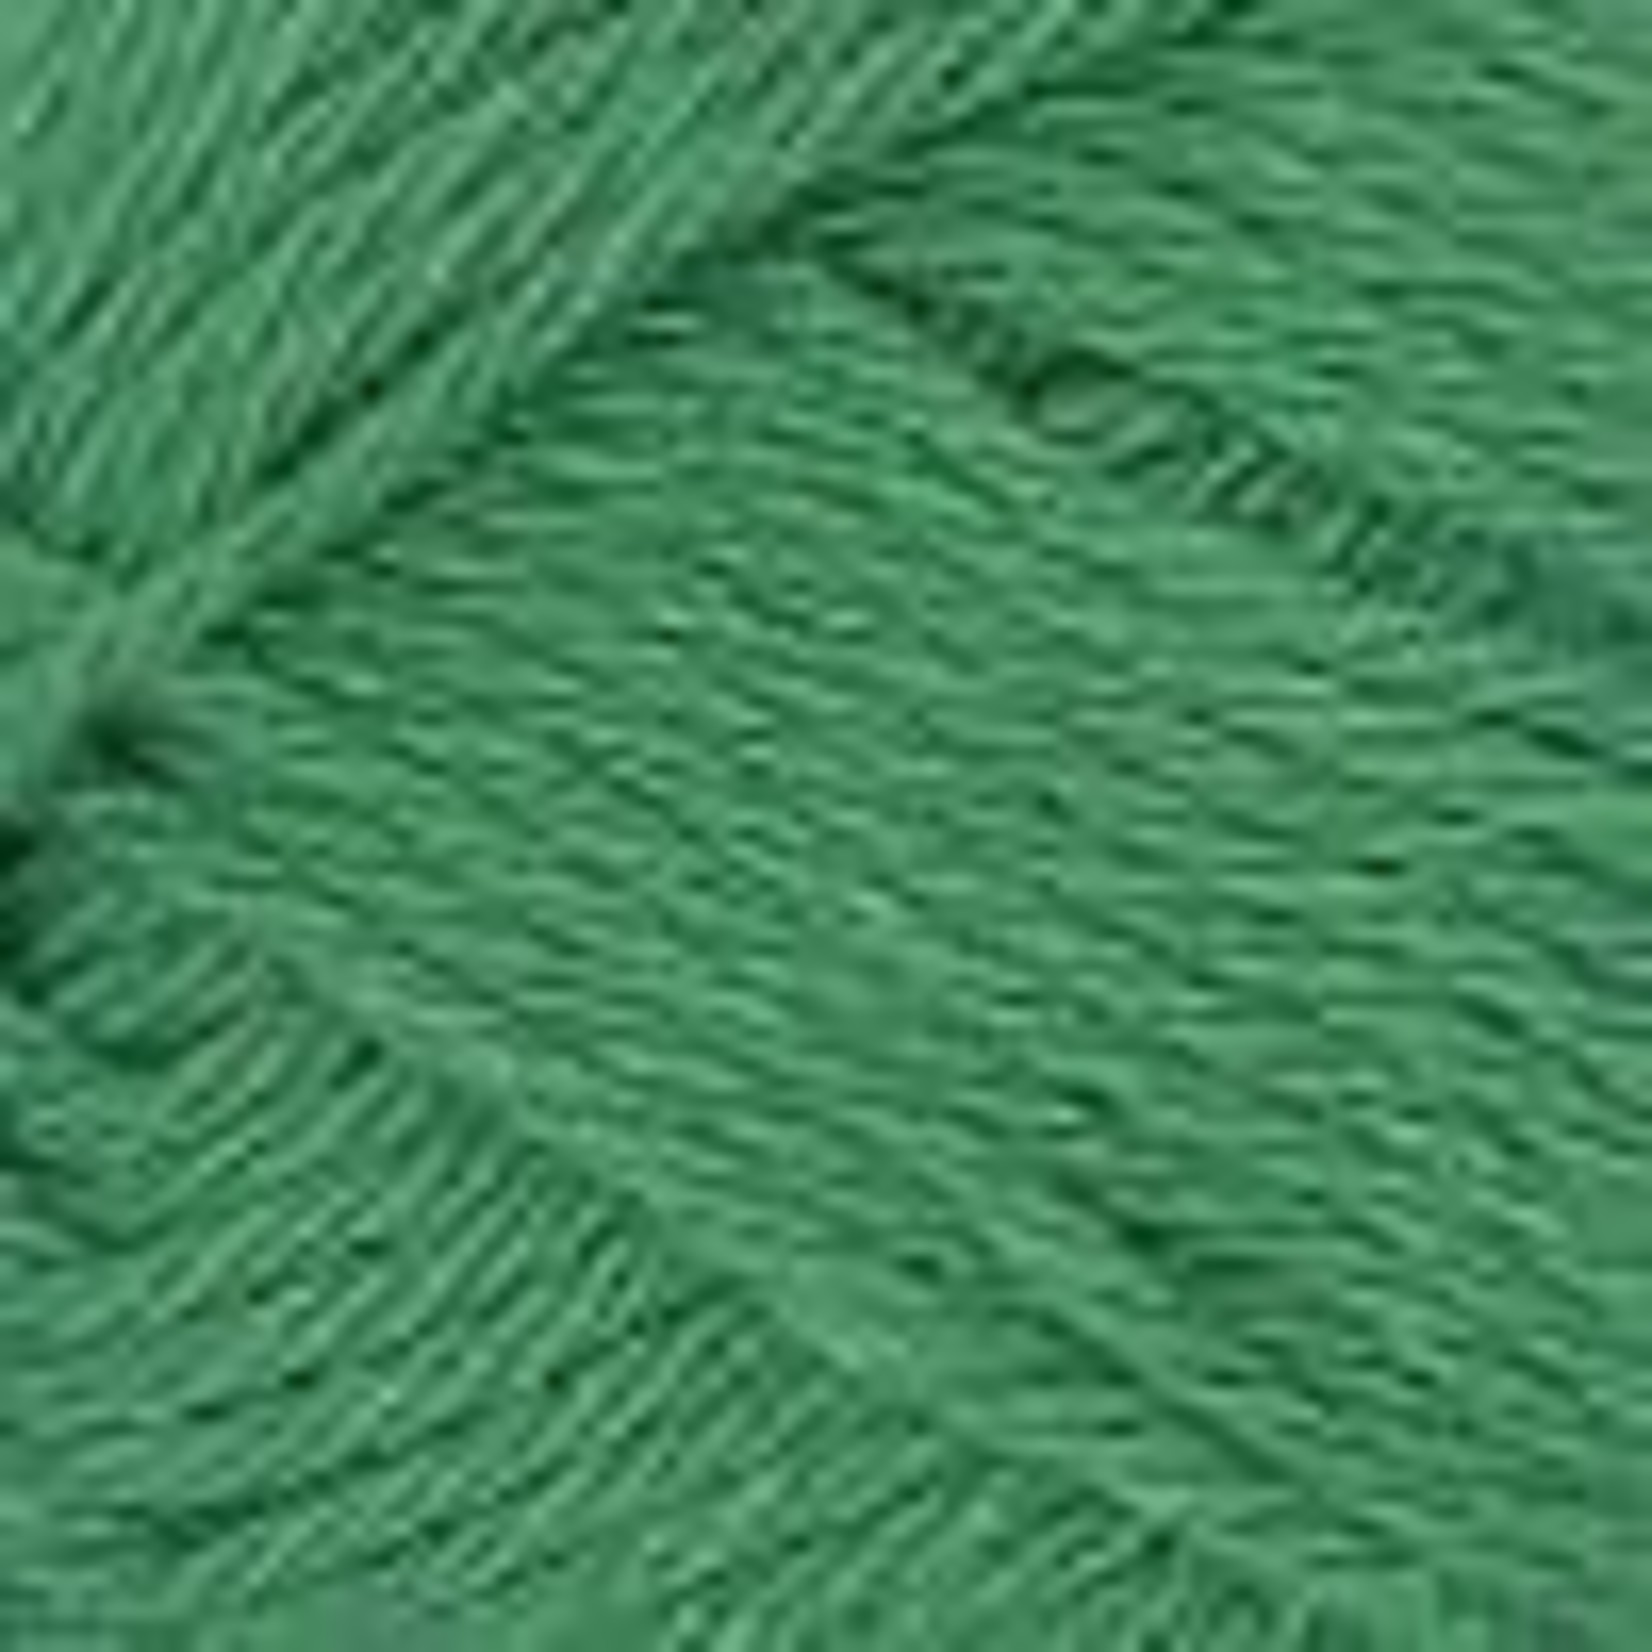 Estelle Sudz Crafting Cotton Solids by Estelle